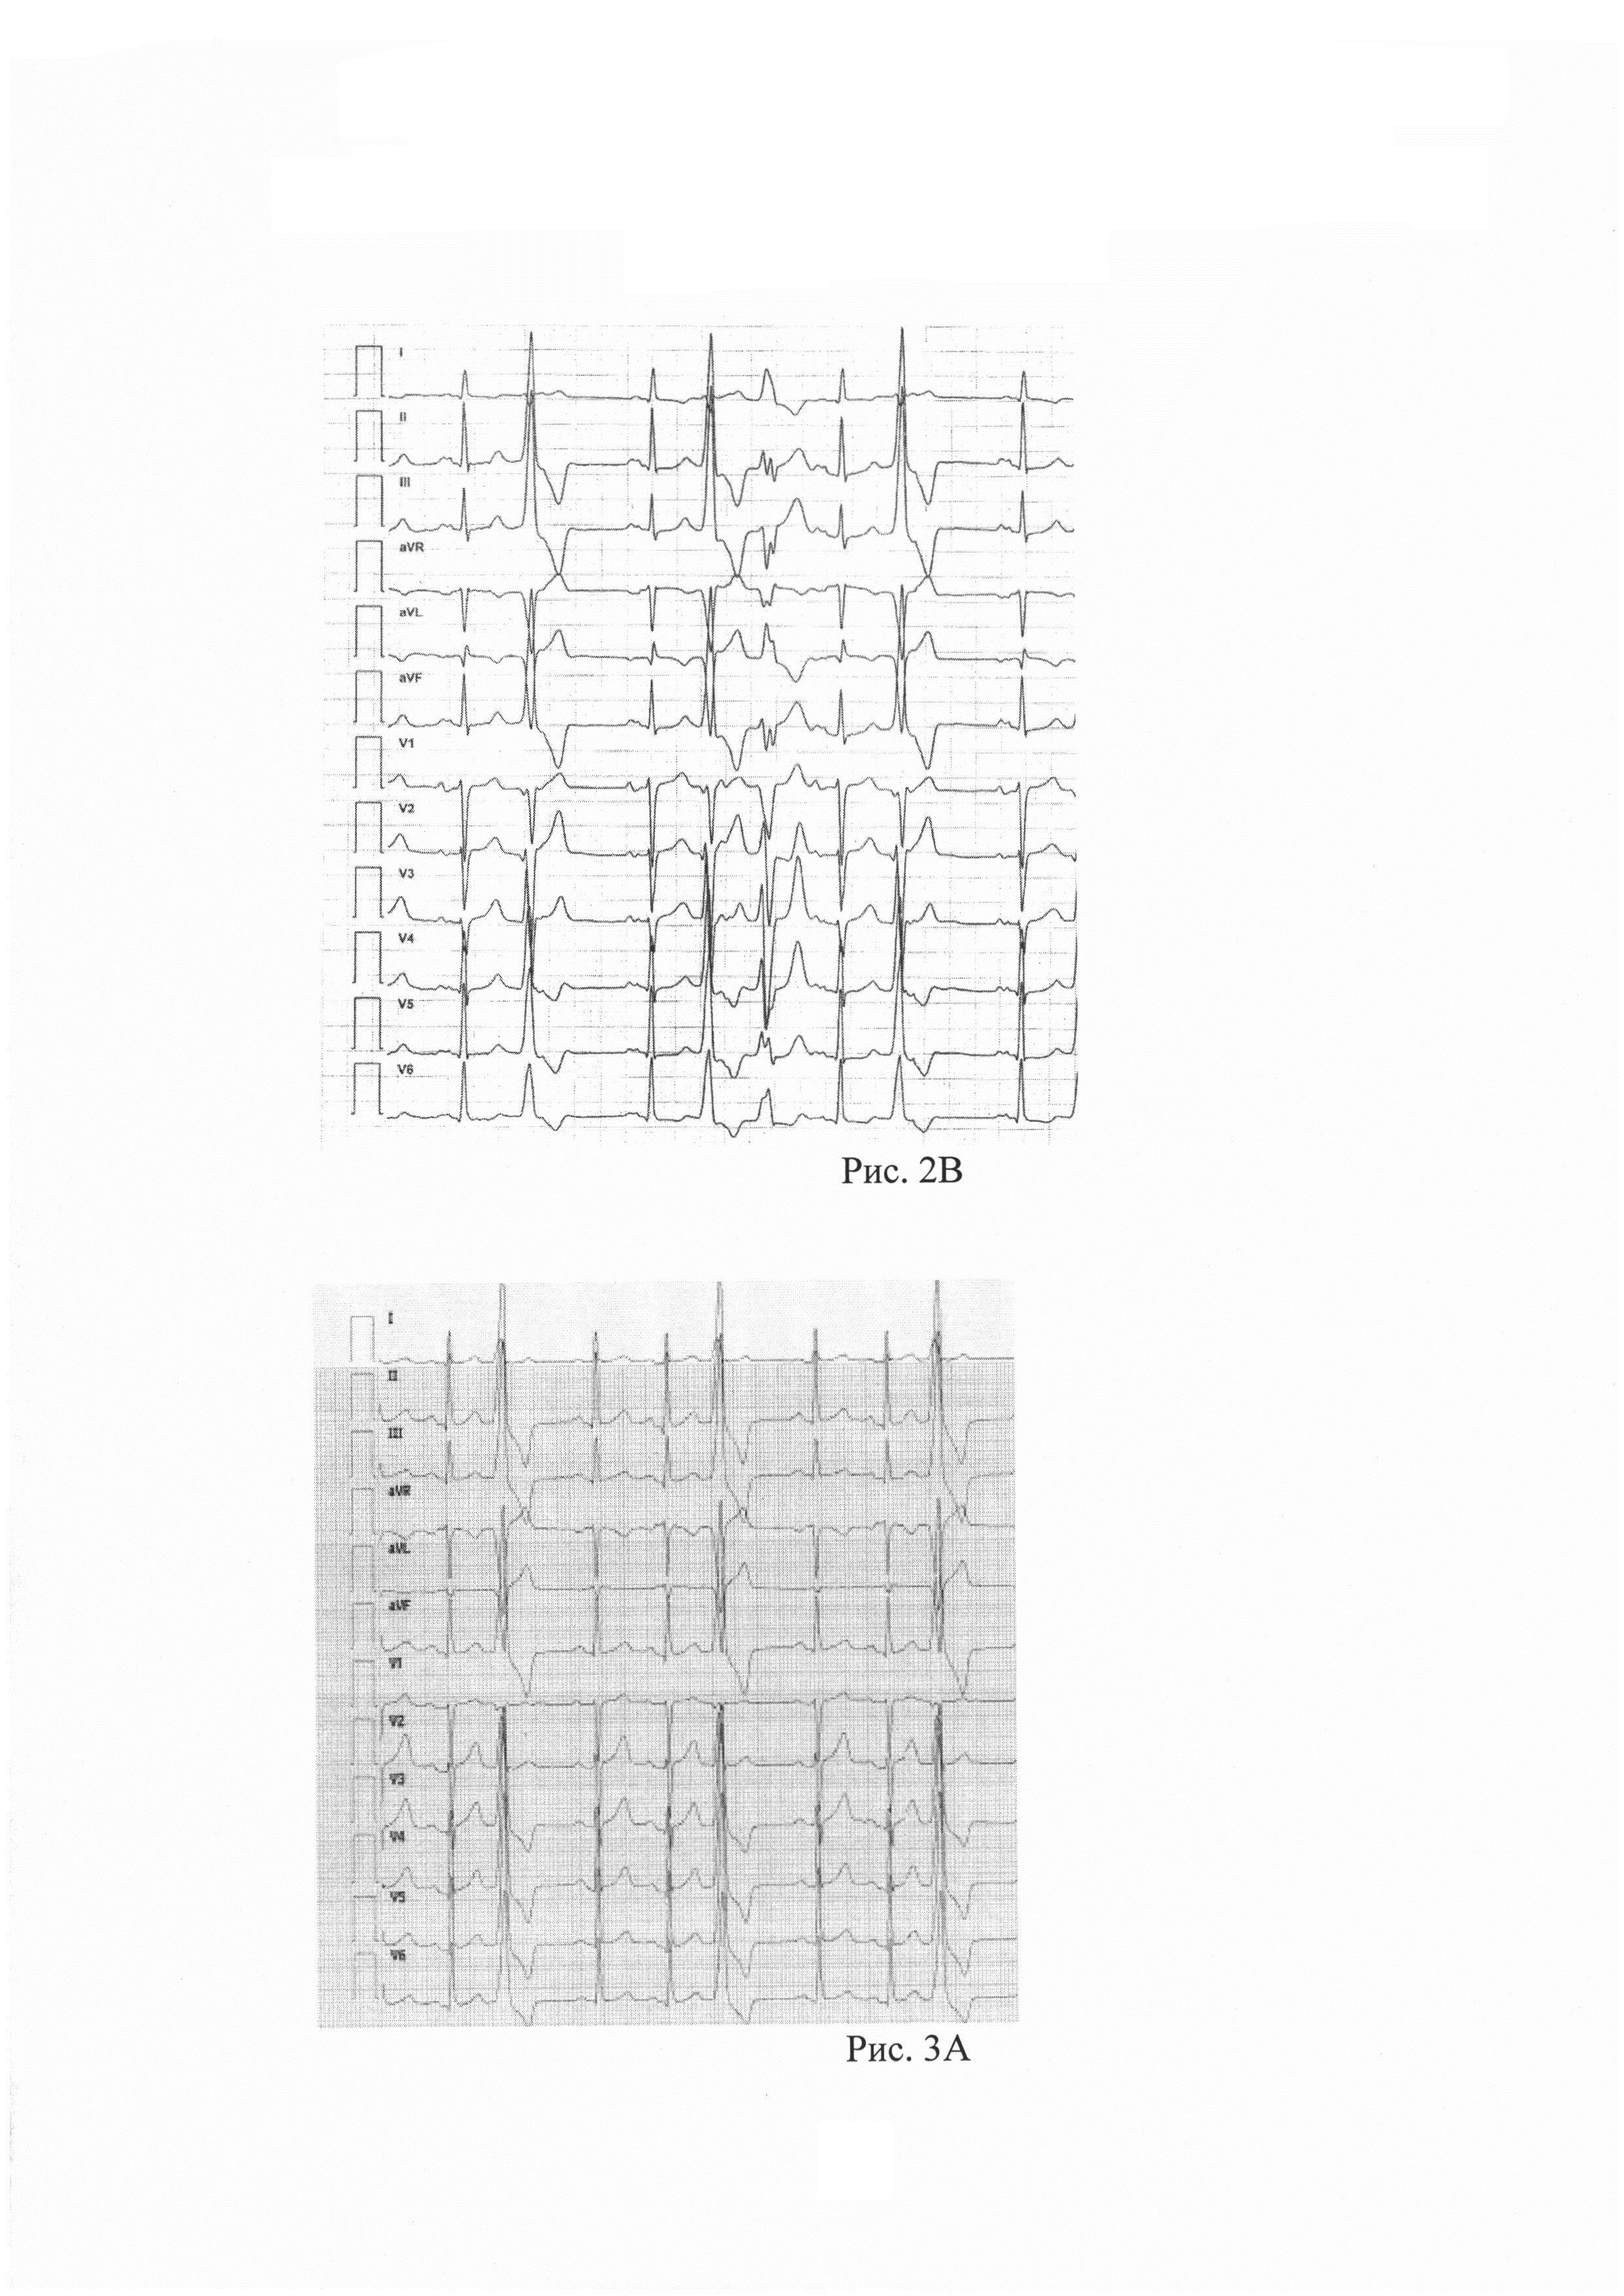 Способ дифференциации стрессиндуцированной и стрессингибированной желудочковой эктопии при проведении пробы с физической нагрузкой